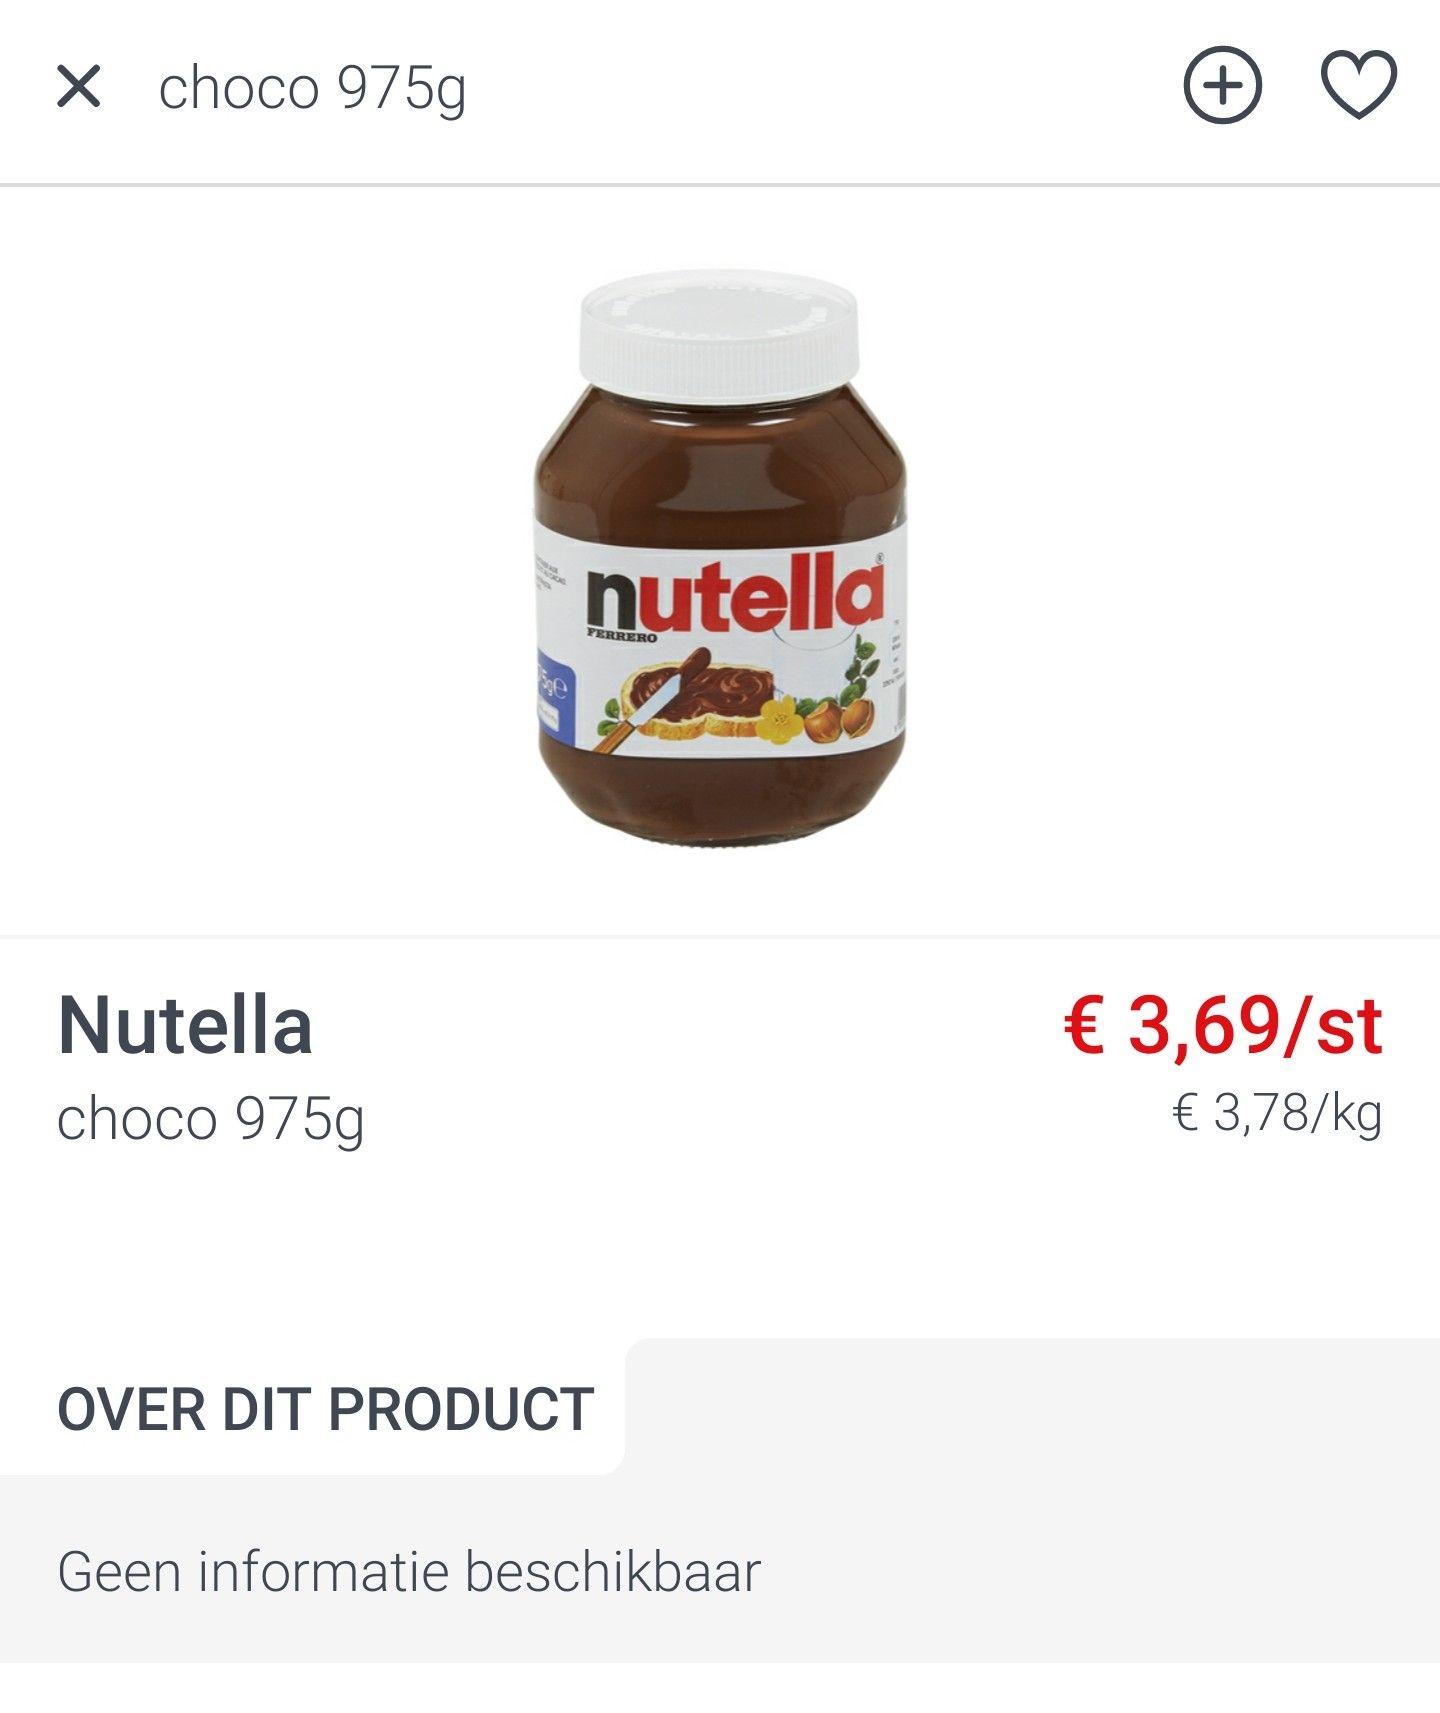 [GRENSDEAL BELGIË] zeer goedkope Nutella (€3,78 per kg)